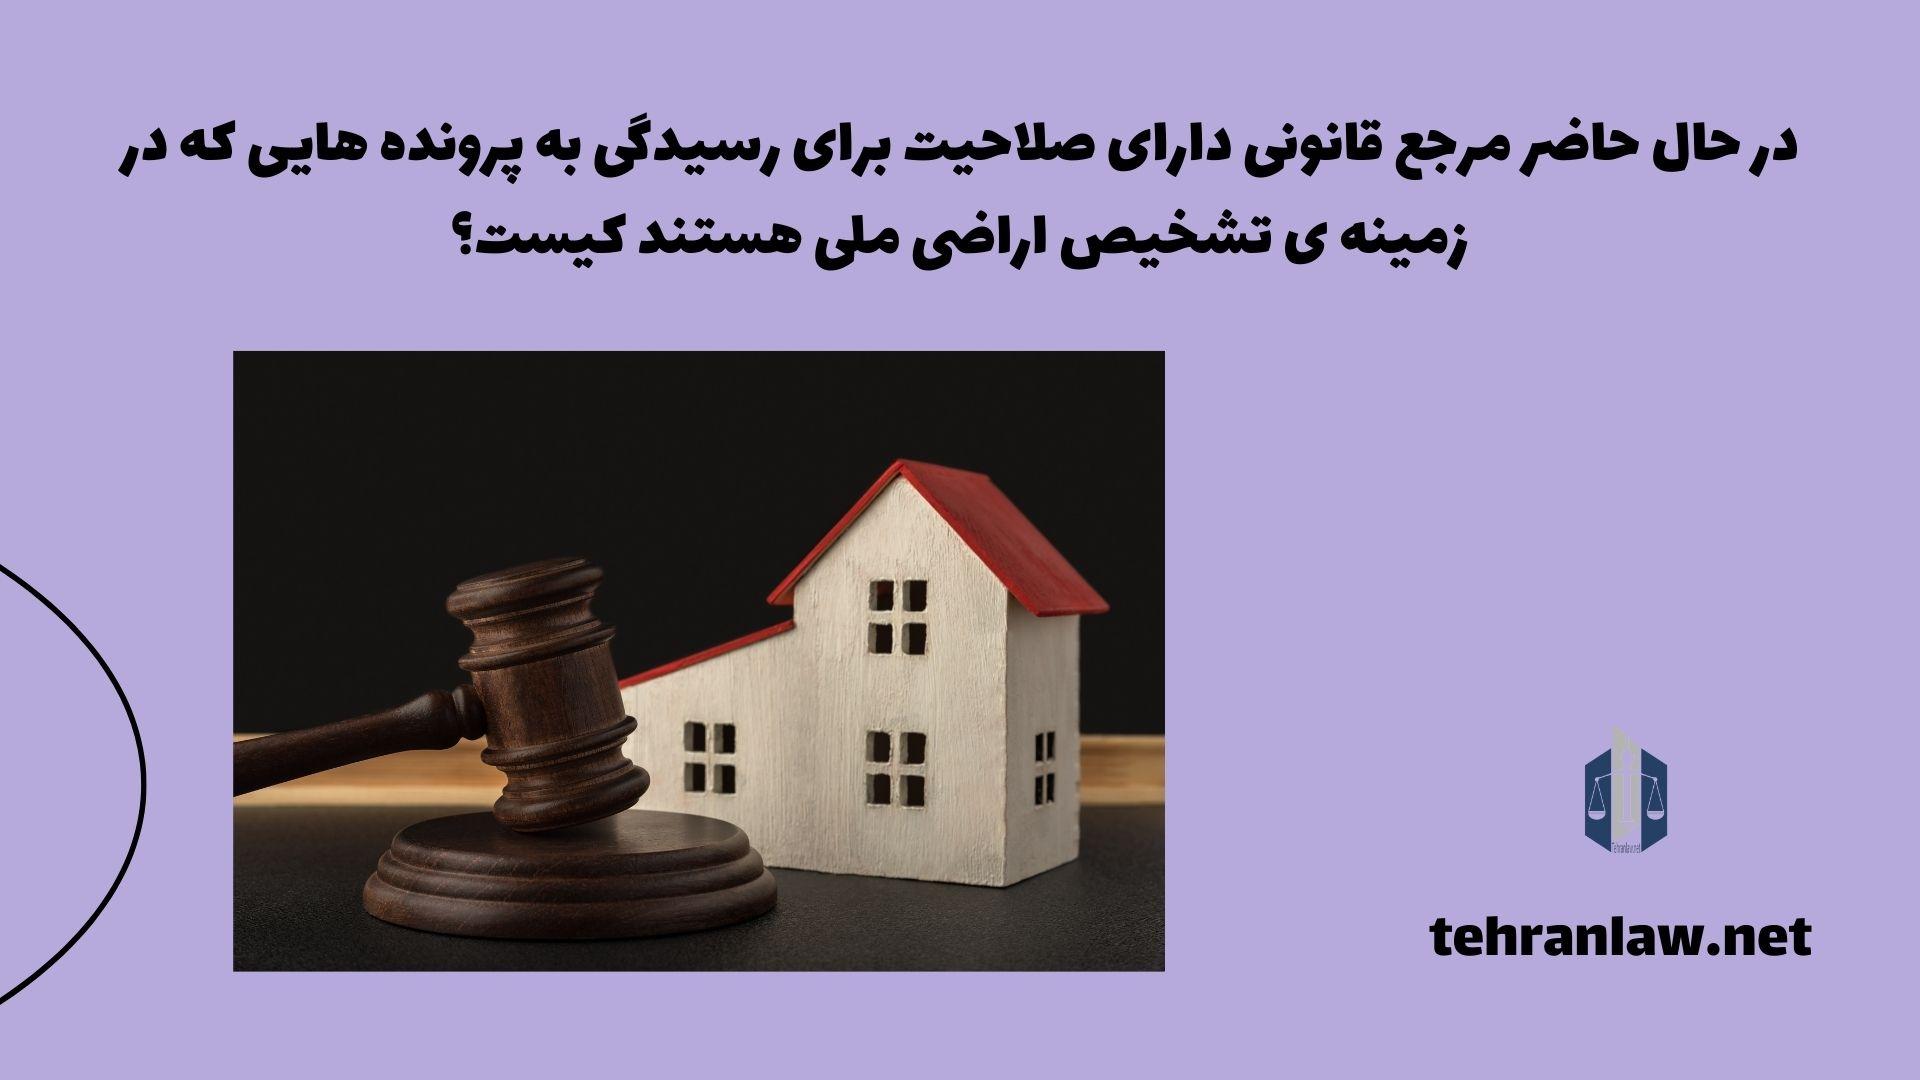 در حال حاضر مرجع قانونی دارای صلاحیت برای رسیدگی به پرونده هایی که در زمینه ی تشخیص اراضی ملی هستند، کیست؟